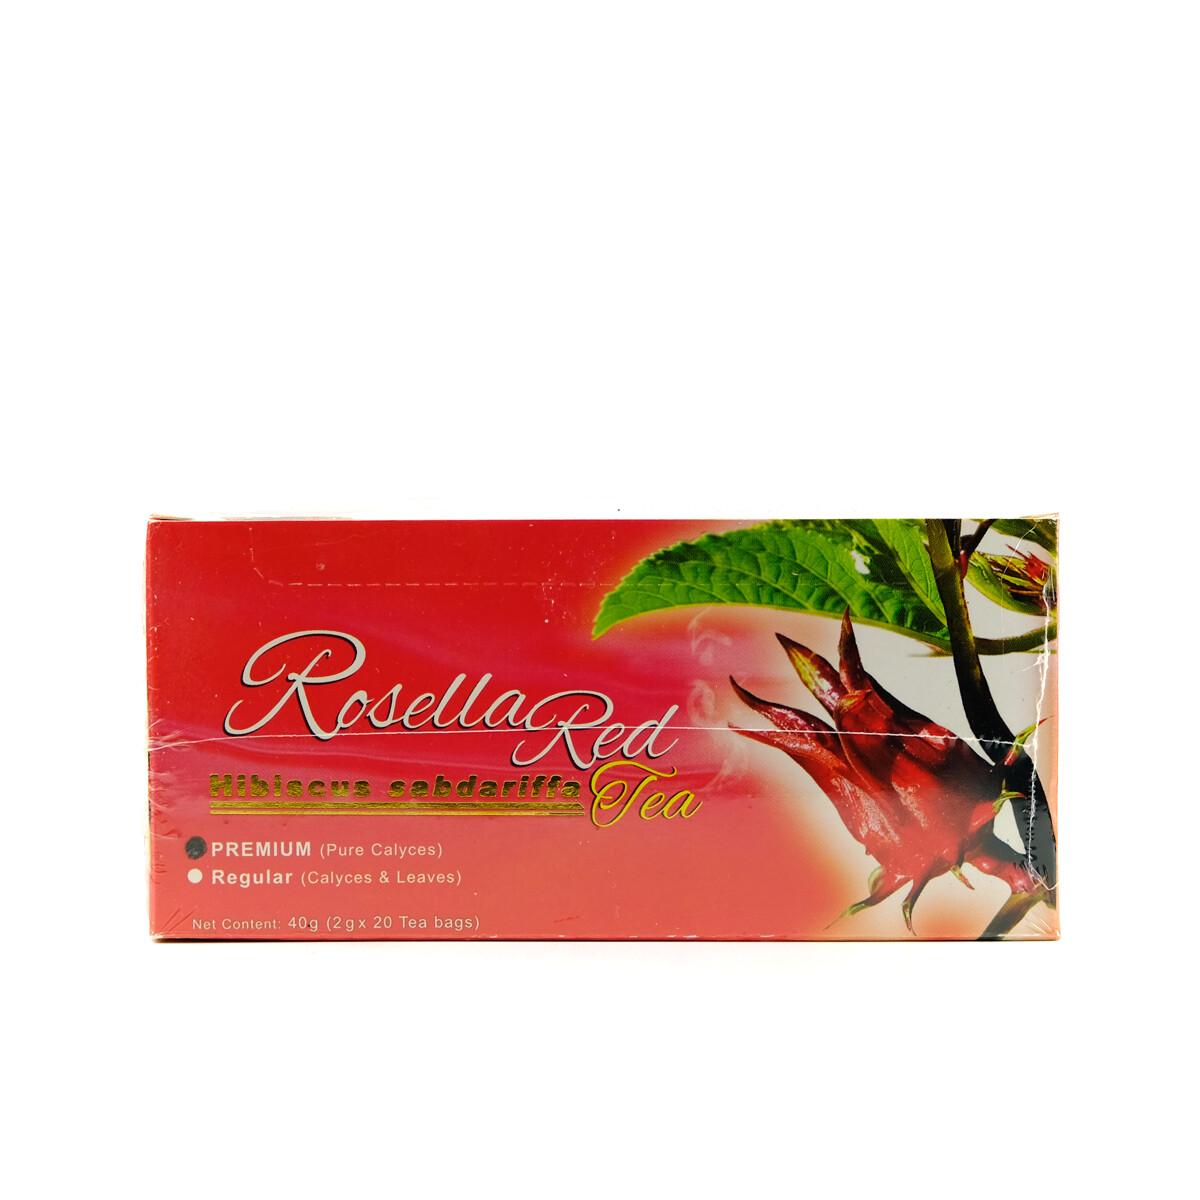 Premium Rosella Red Tea